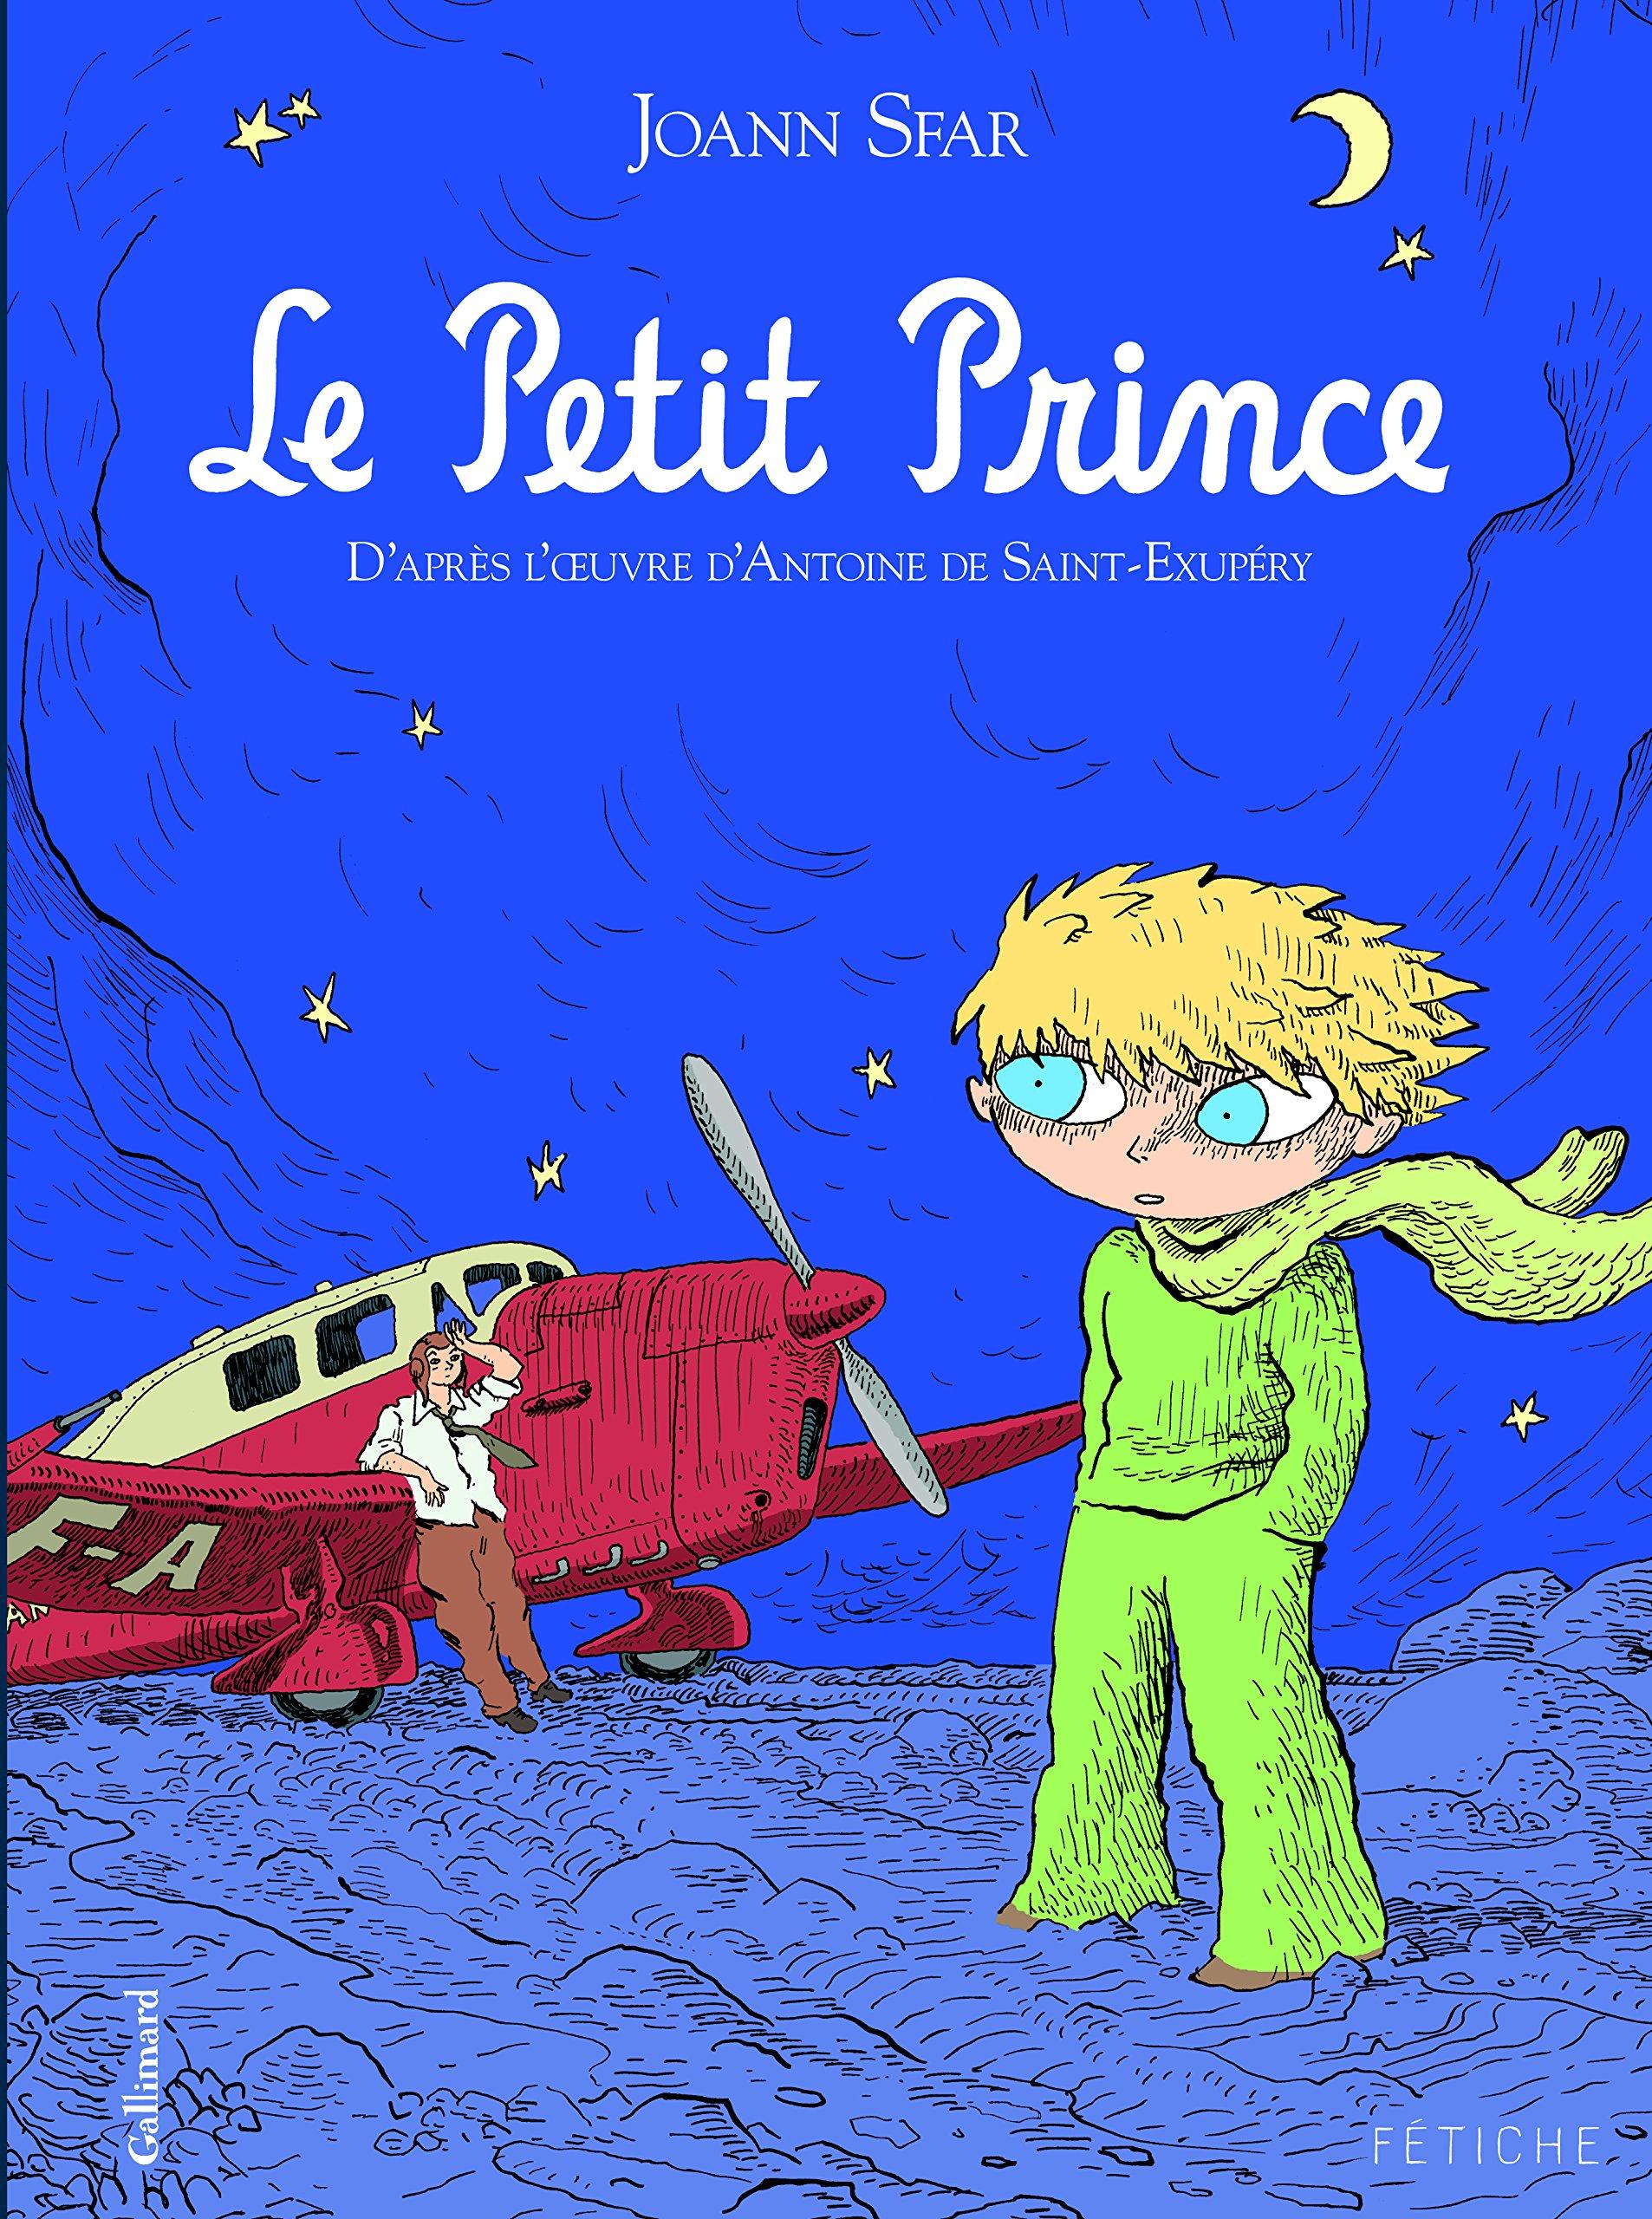 Le Petit Prince: D'après l'œuvre d'Antoine de Saint-Exupéry